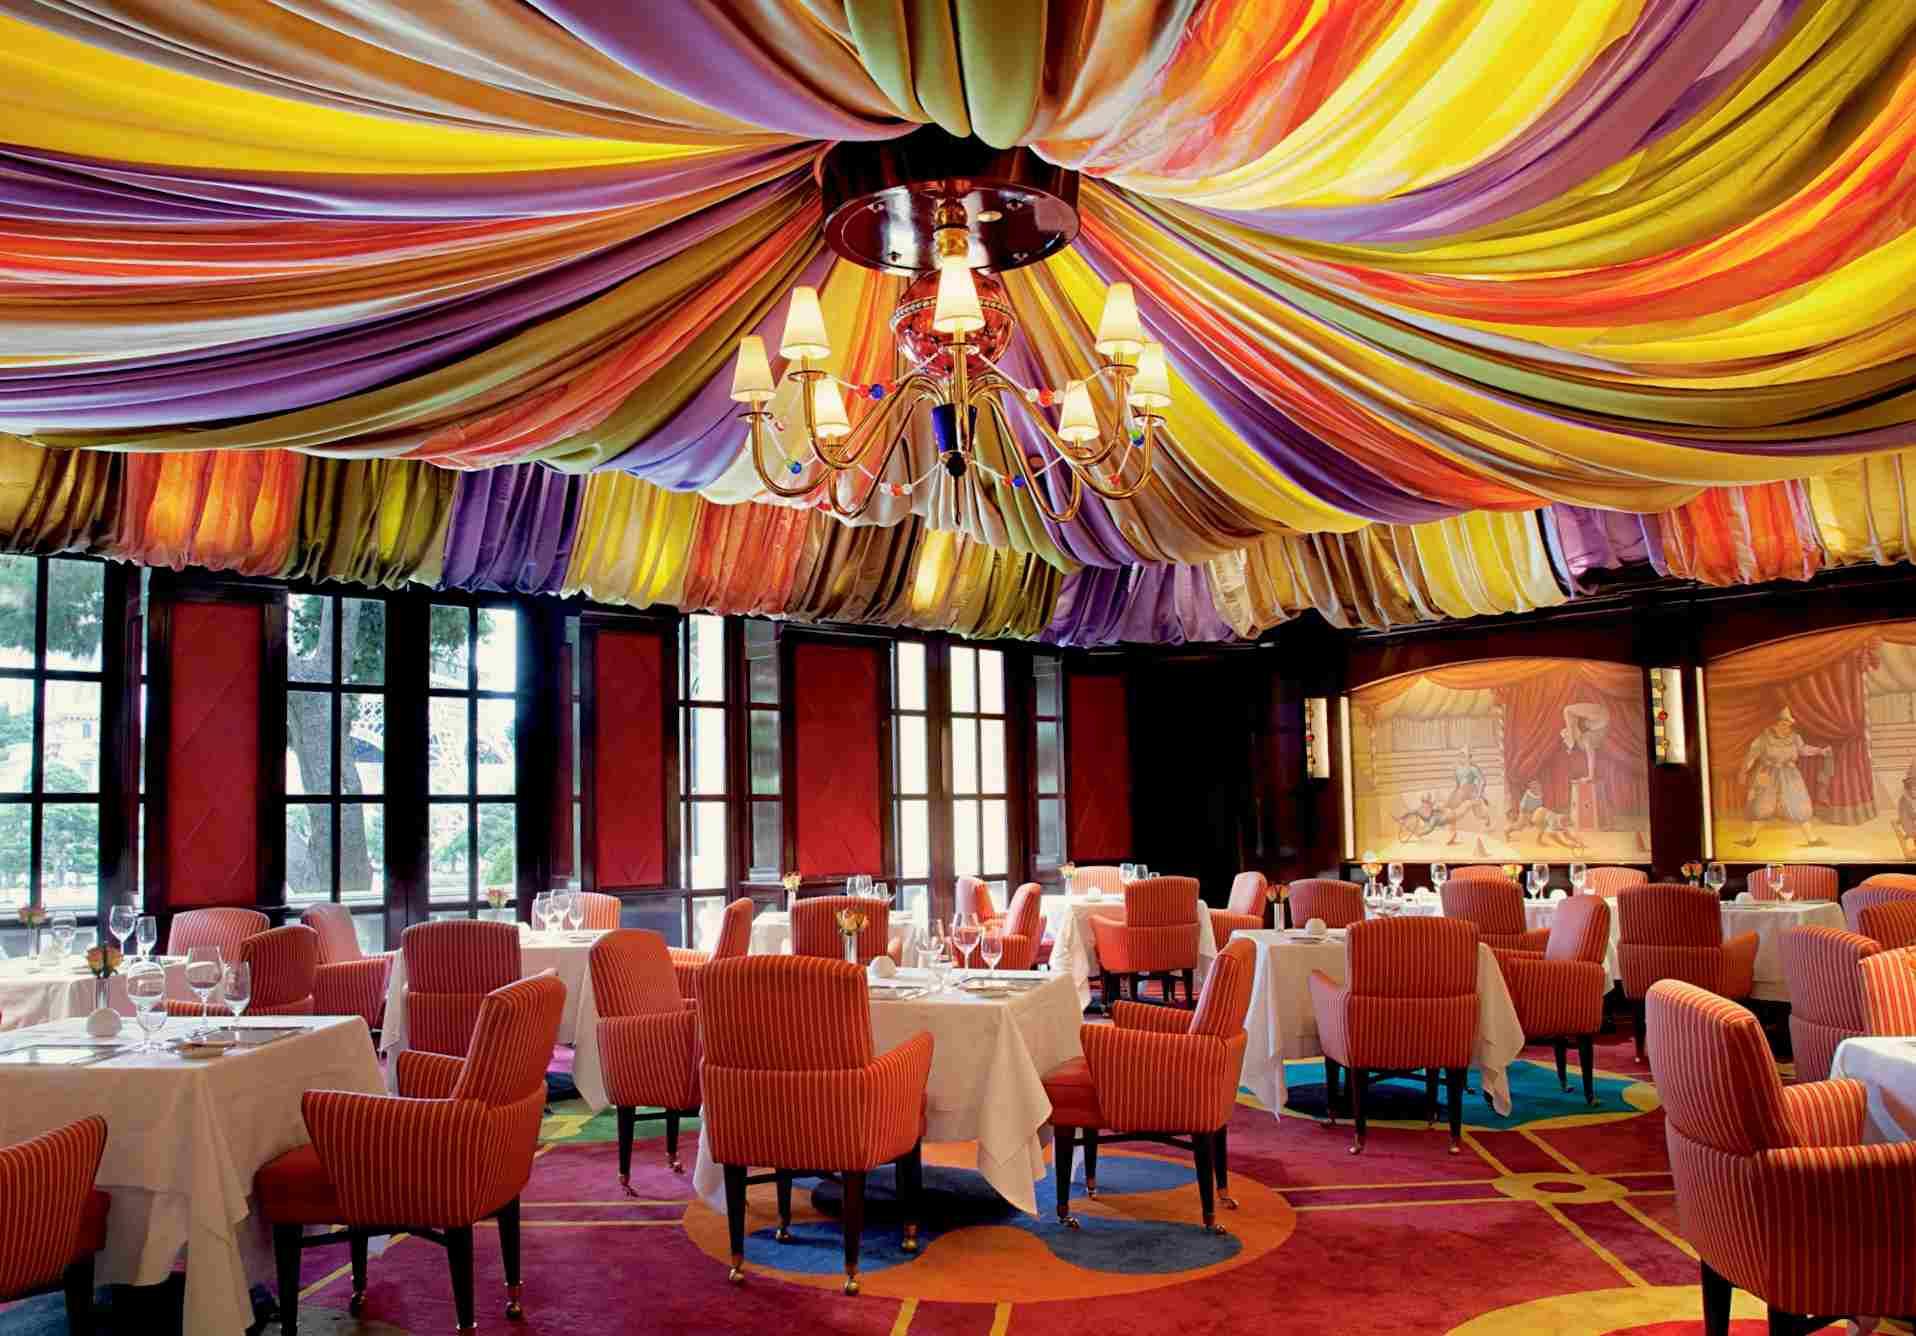 Ausgezeichnet Circus Hervorragendes Restaurant Interieur Galerie ...